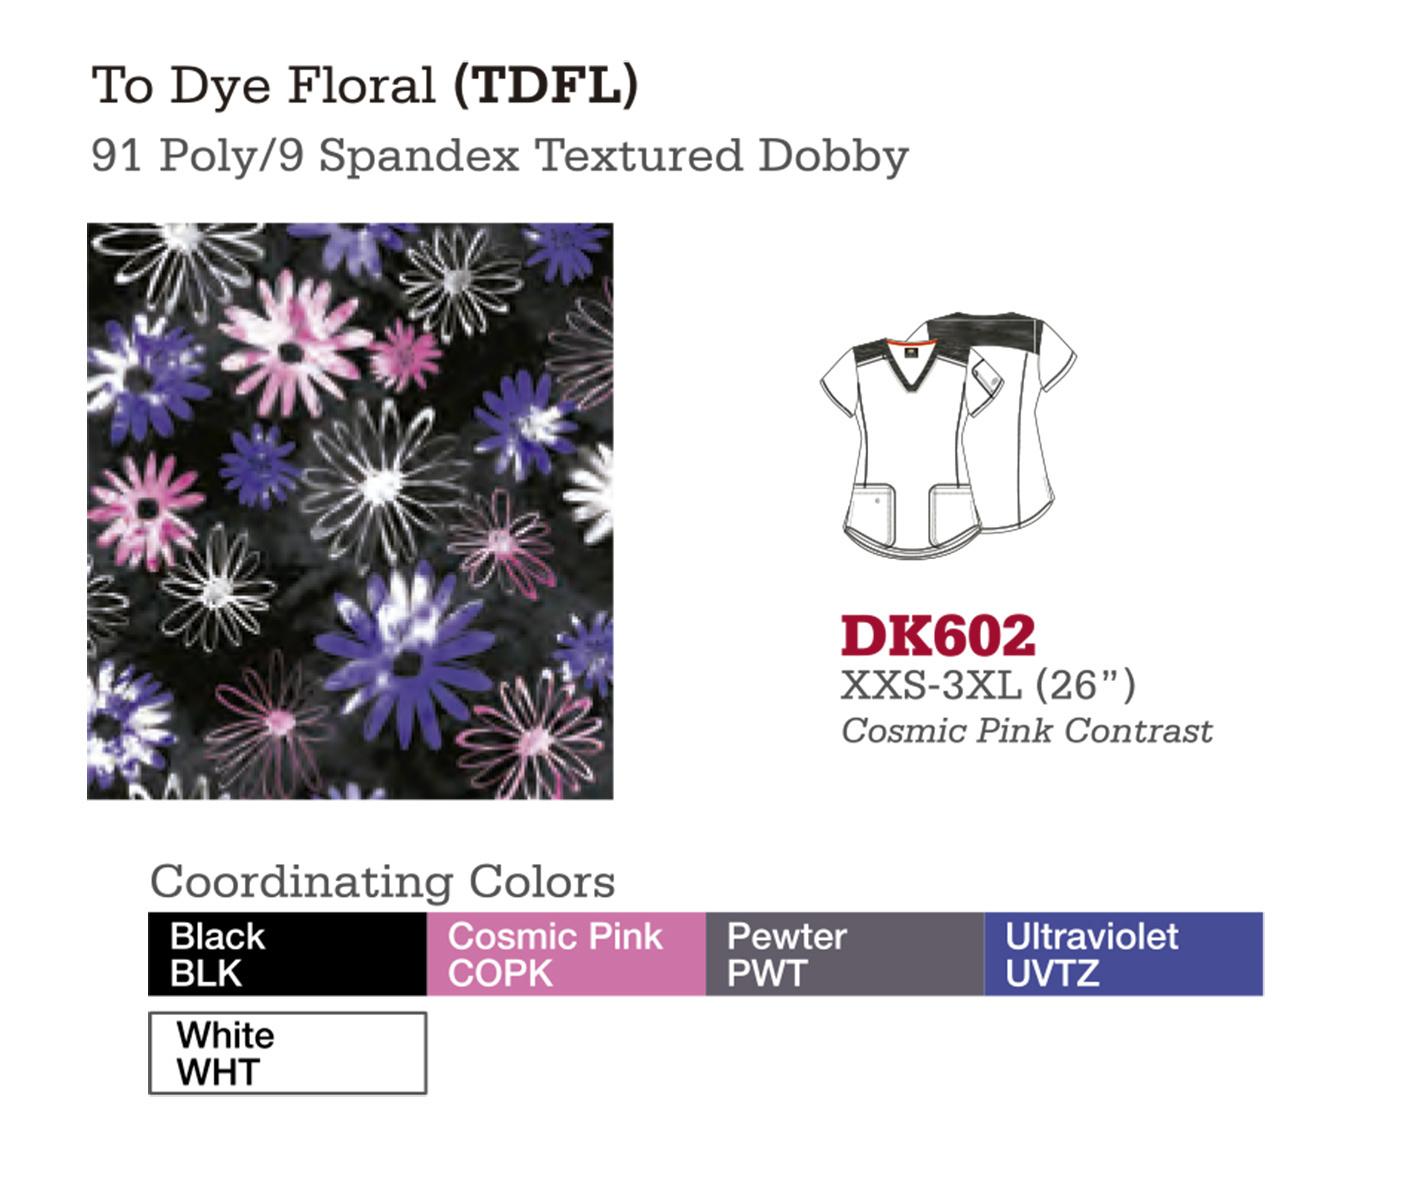 To Dye Floral. DK602.